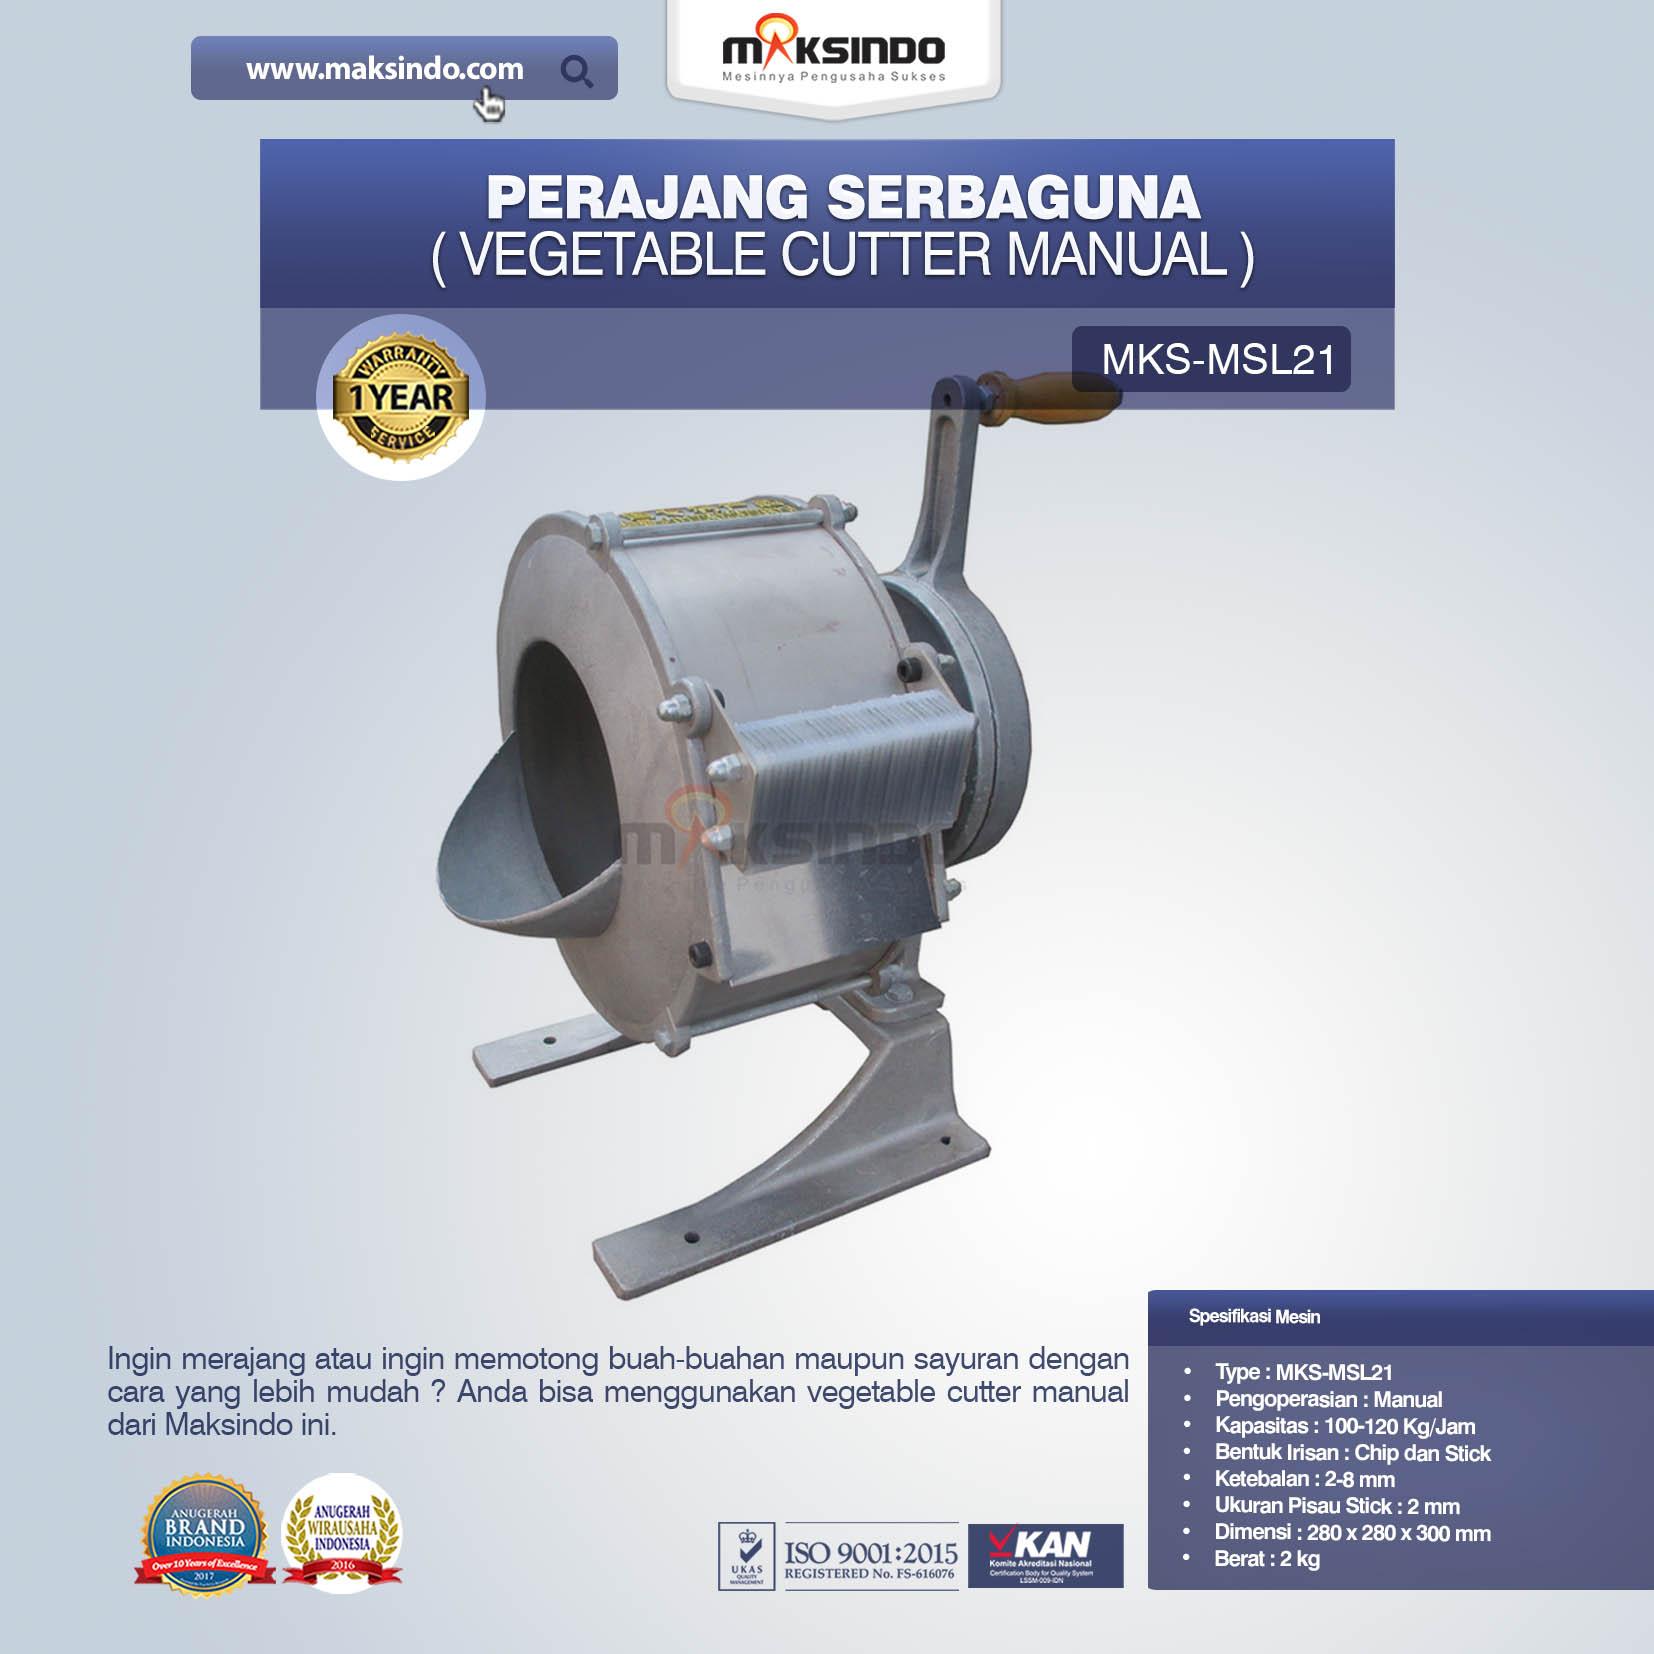 Perajang Serbaguna Vegetable Cutter Manual MKS-MSL21